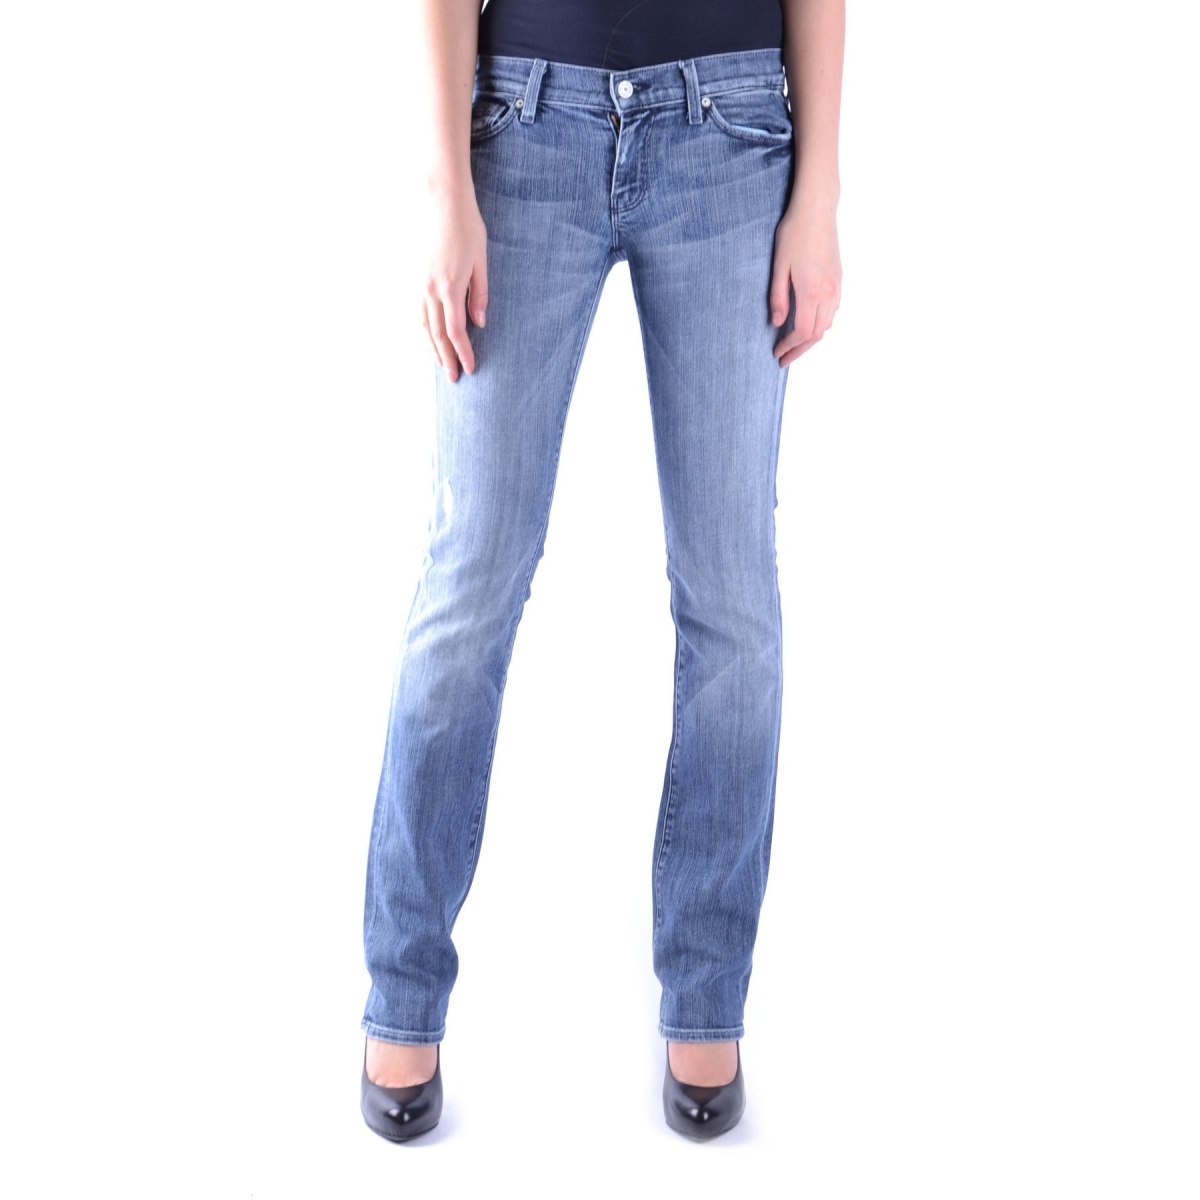 seven for all mankind jeans ean890 outlet bicocca. Black Bedroom Furniture Sets. Home Design Ideas